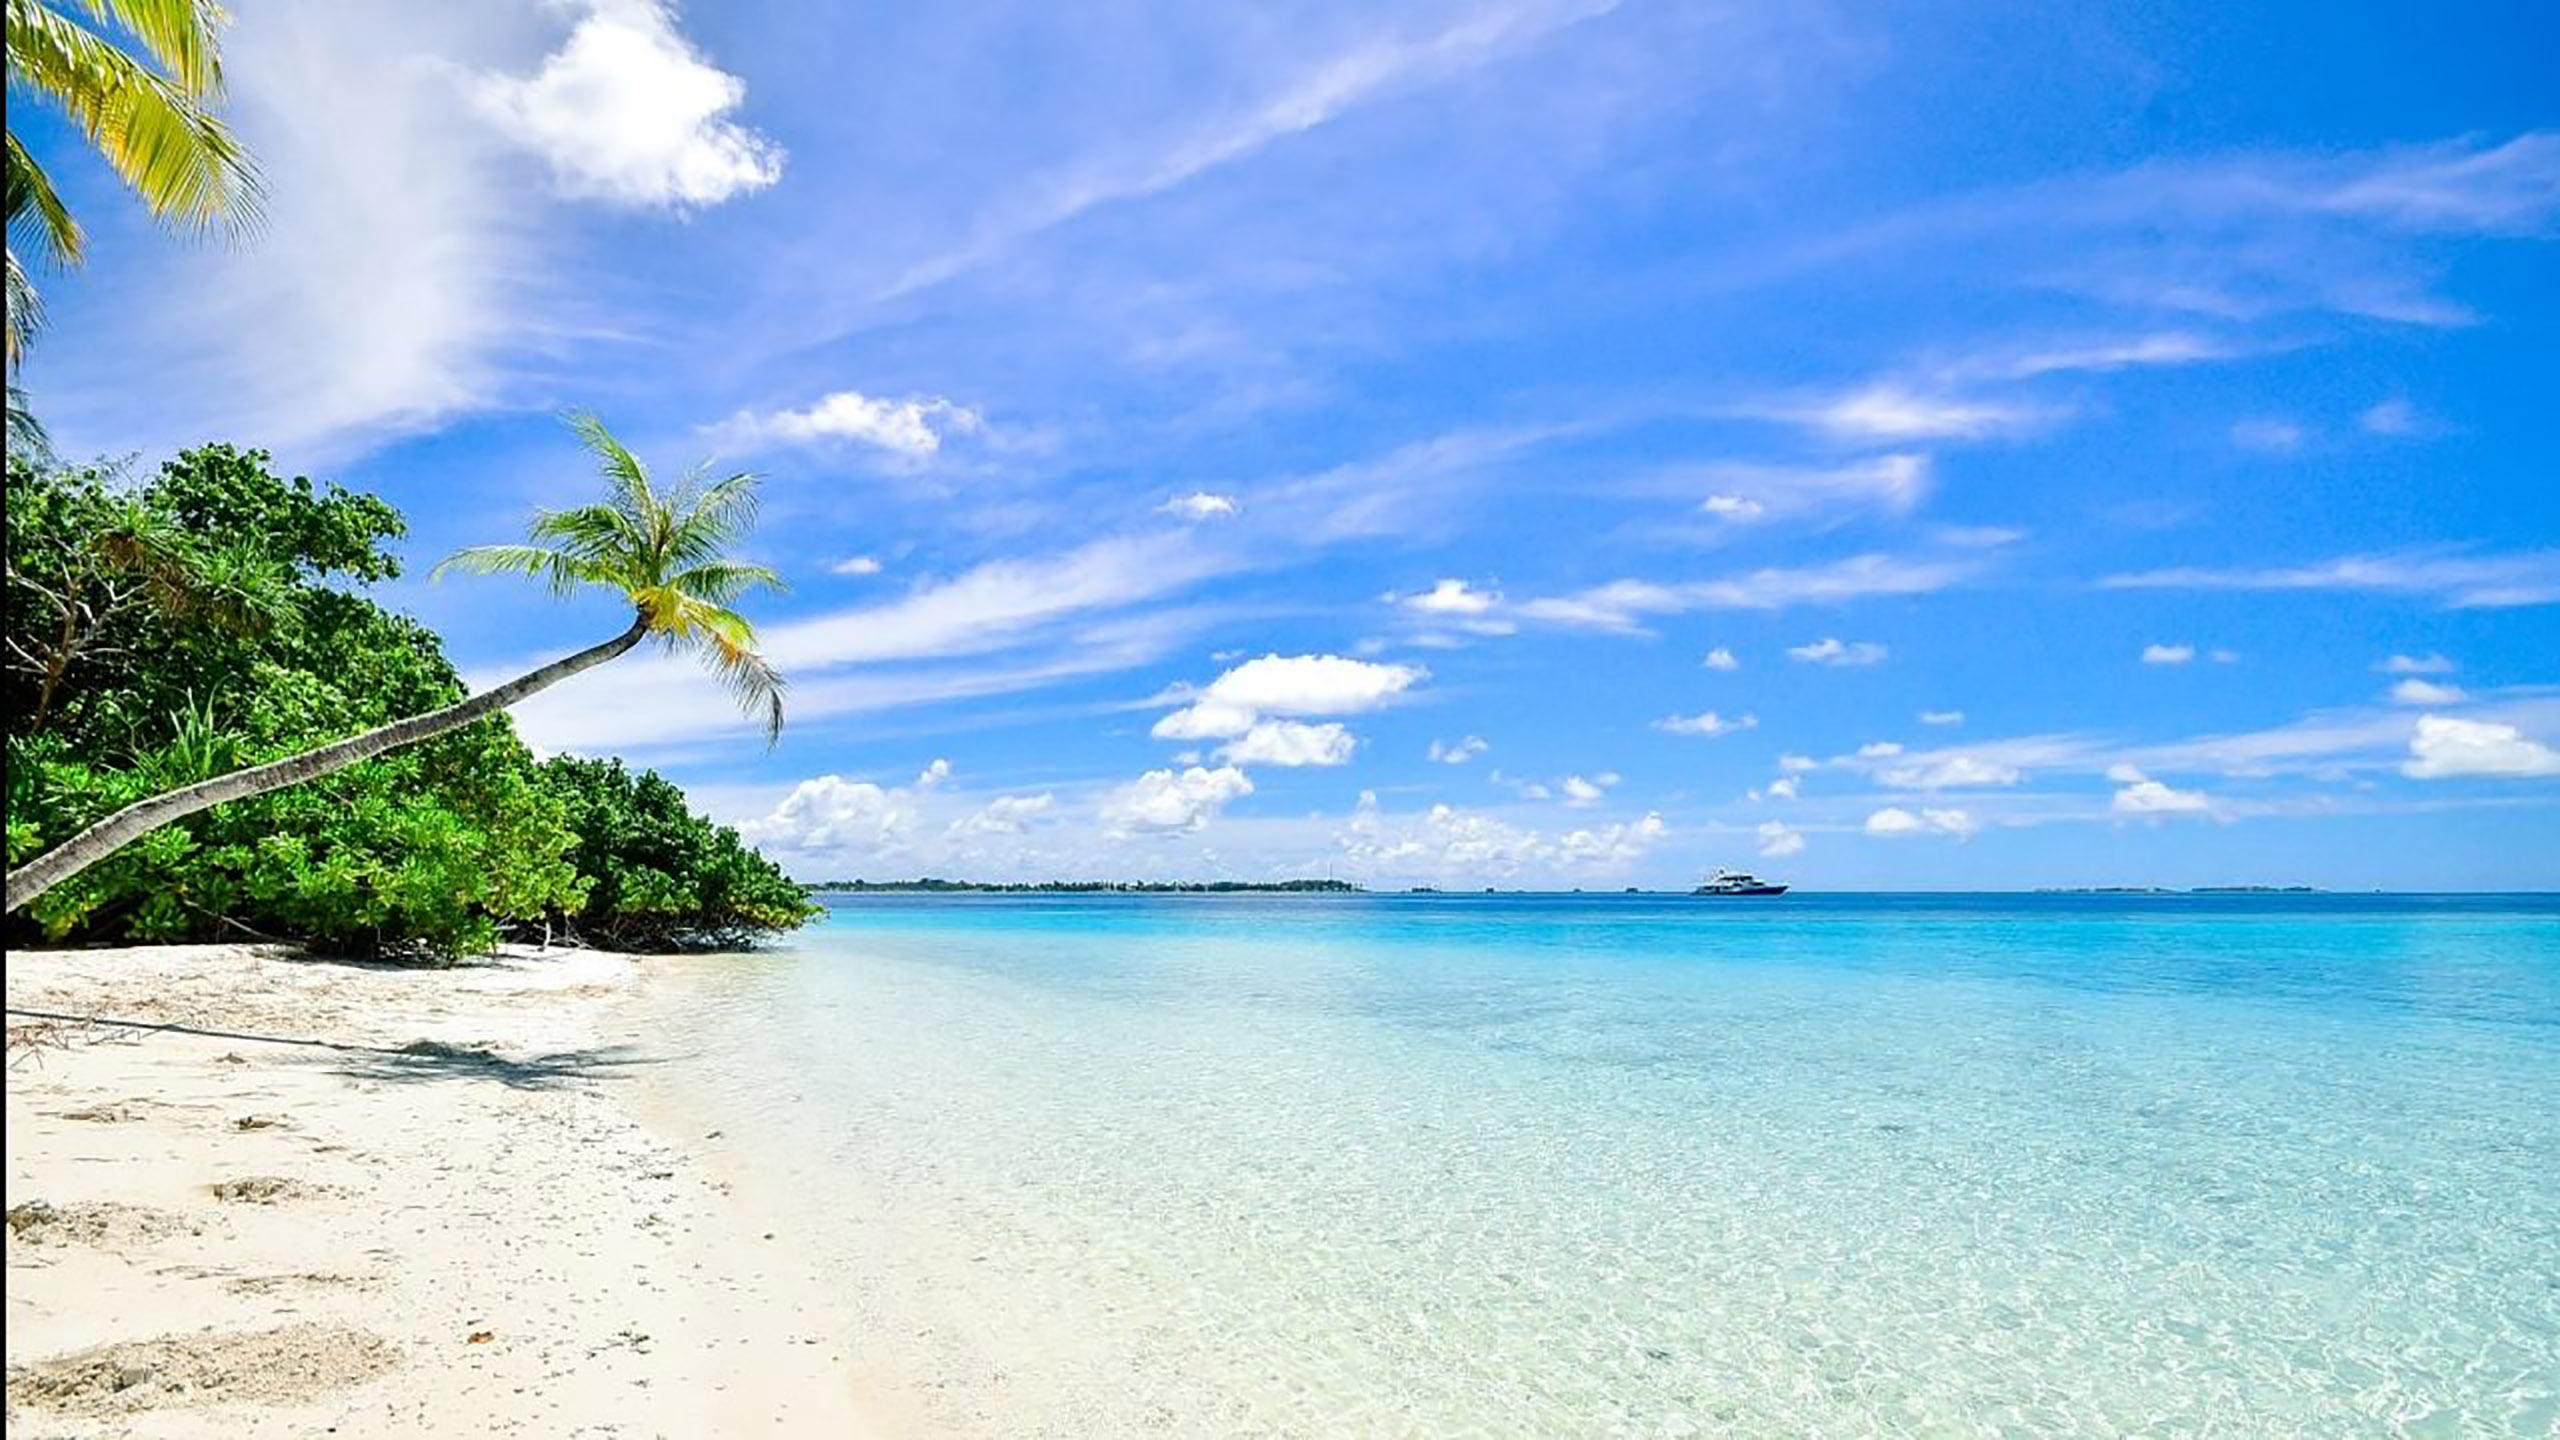 playas mexicanas, Playa del Carmen, Cancún, Tulum